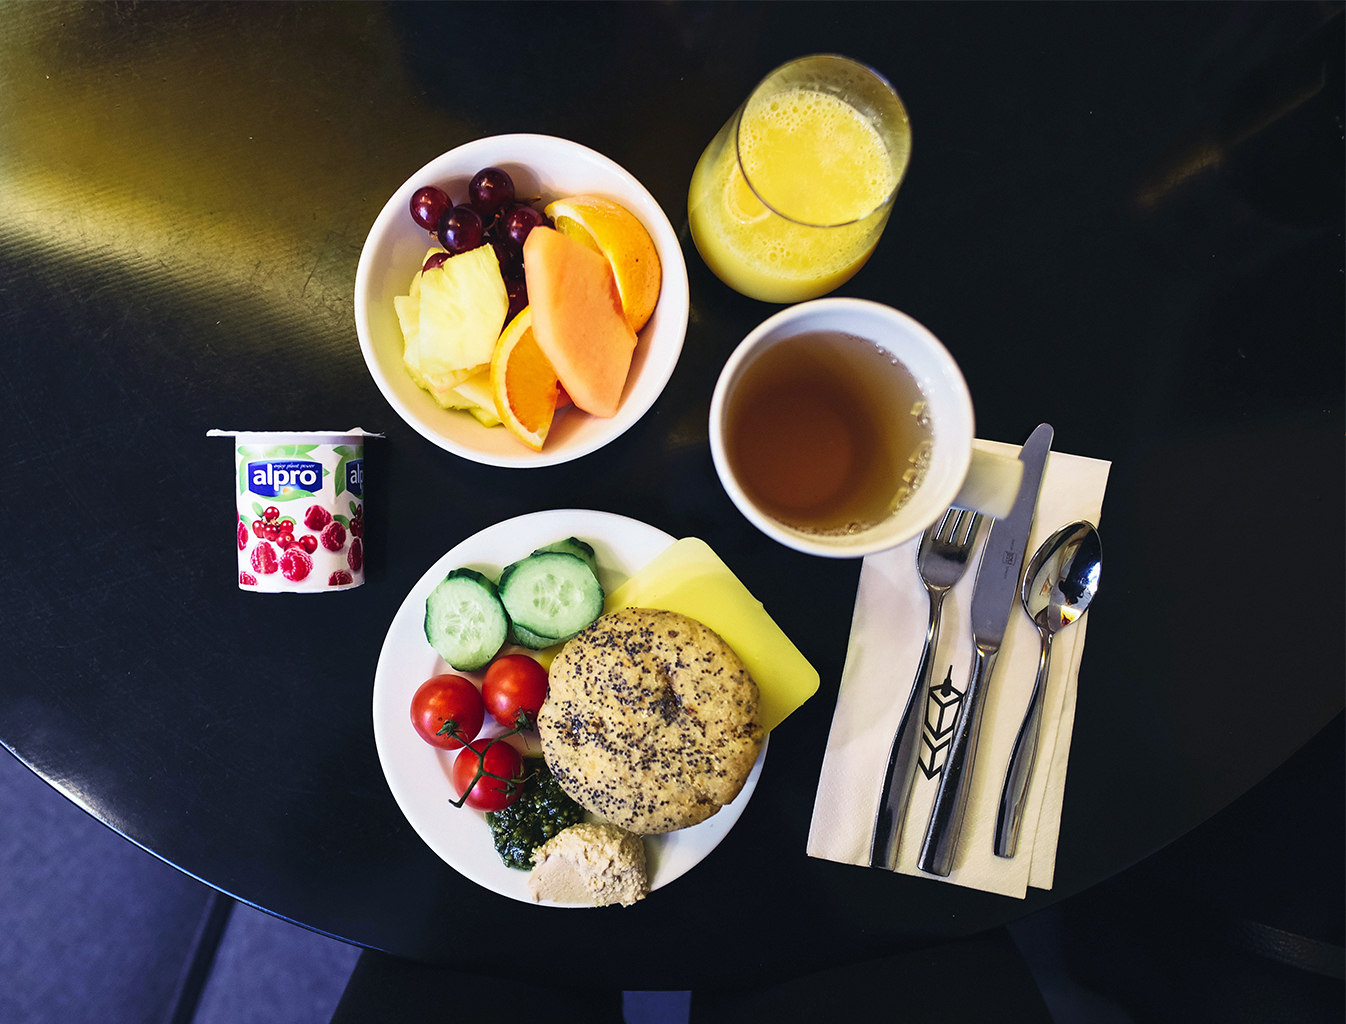 sokoshotels-erikoisaamiainen-vegaaninen-gluteeniton-hotelliaamiainen-sundayblondie-1.jpg